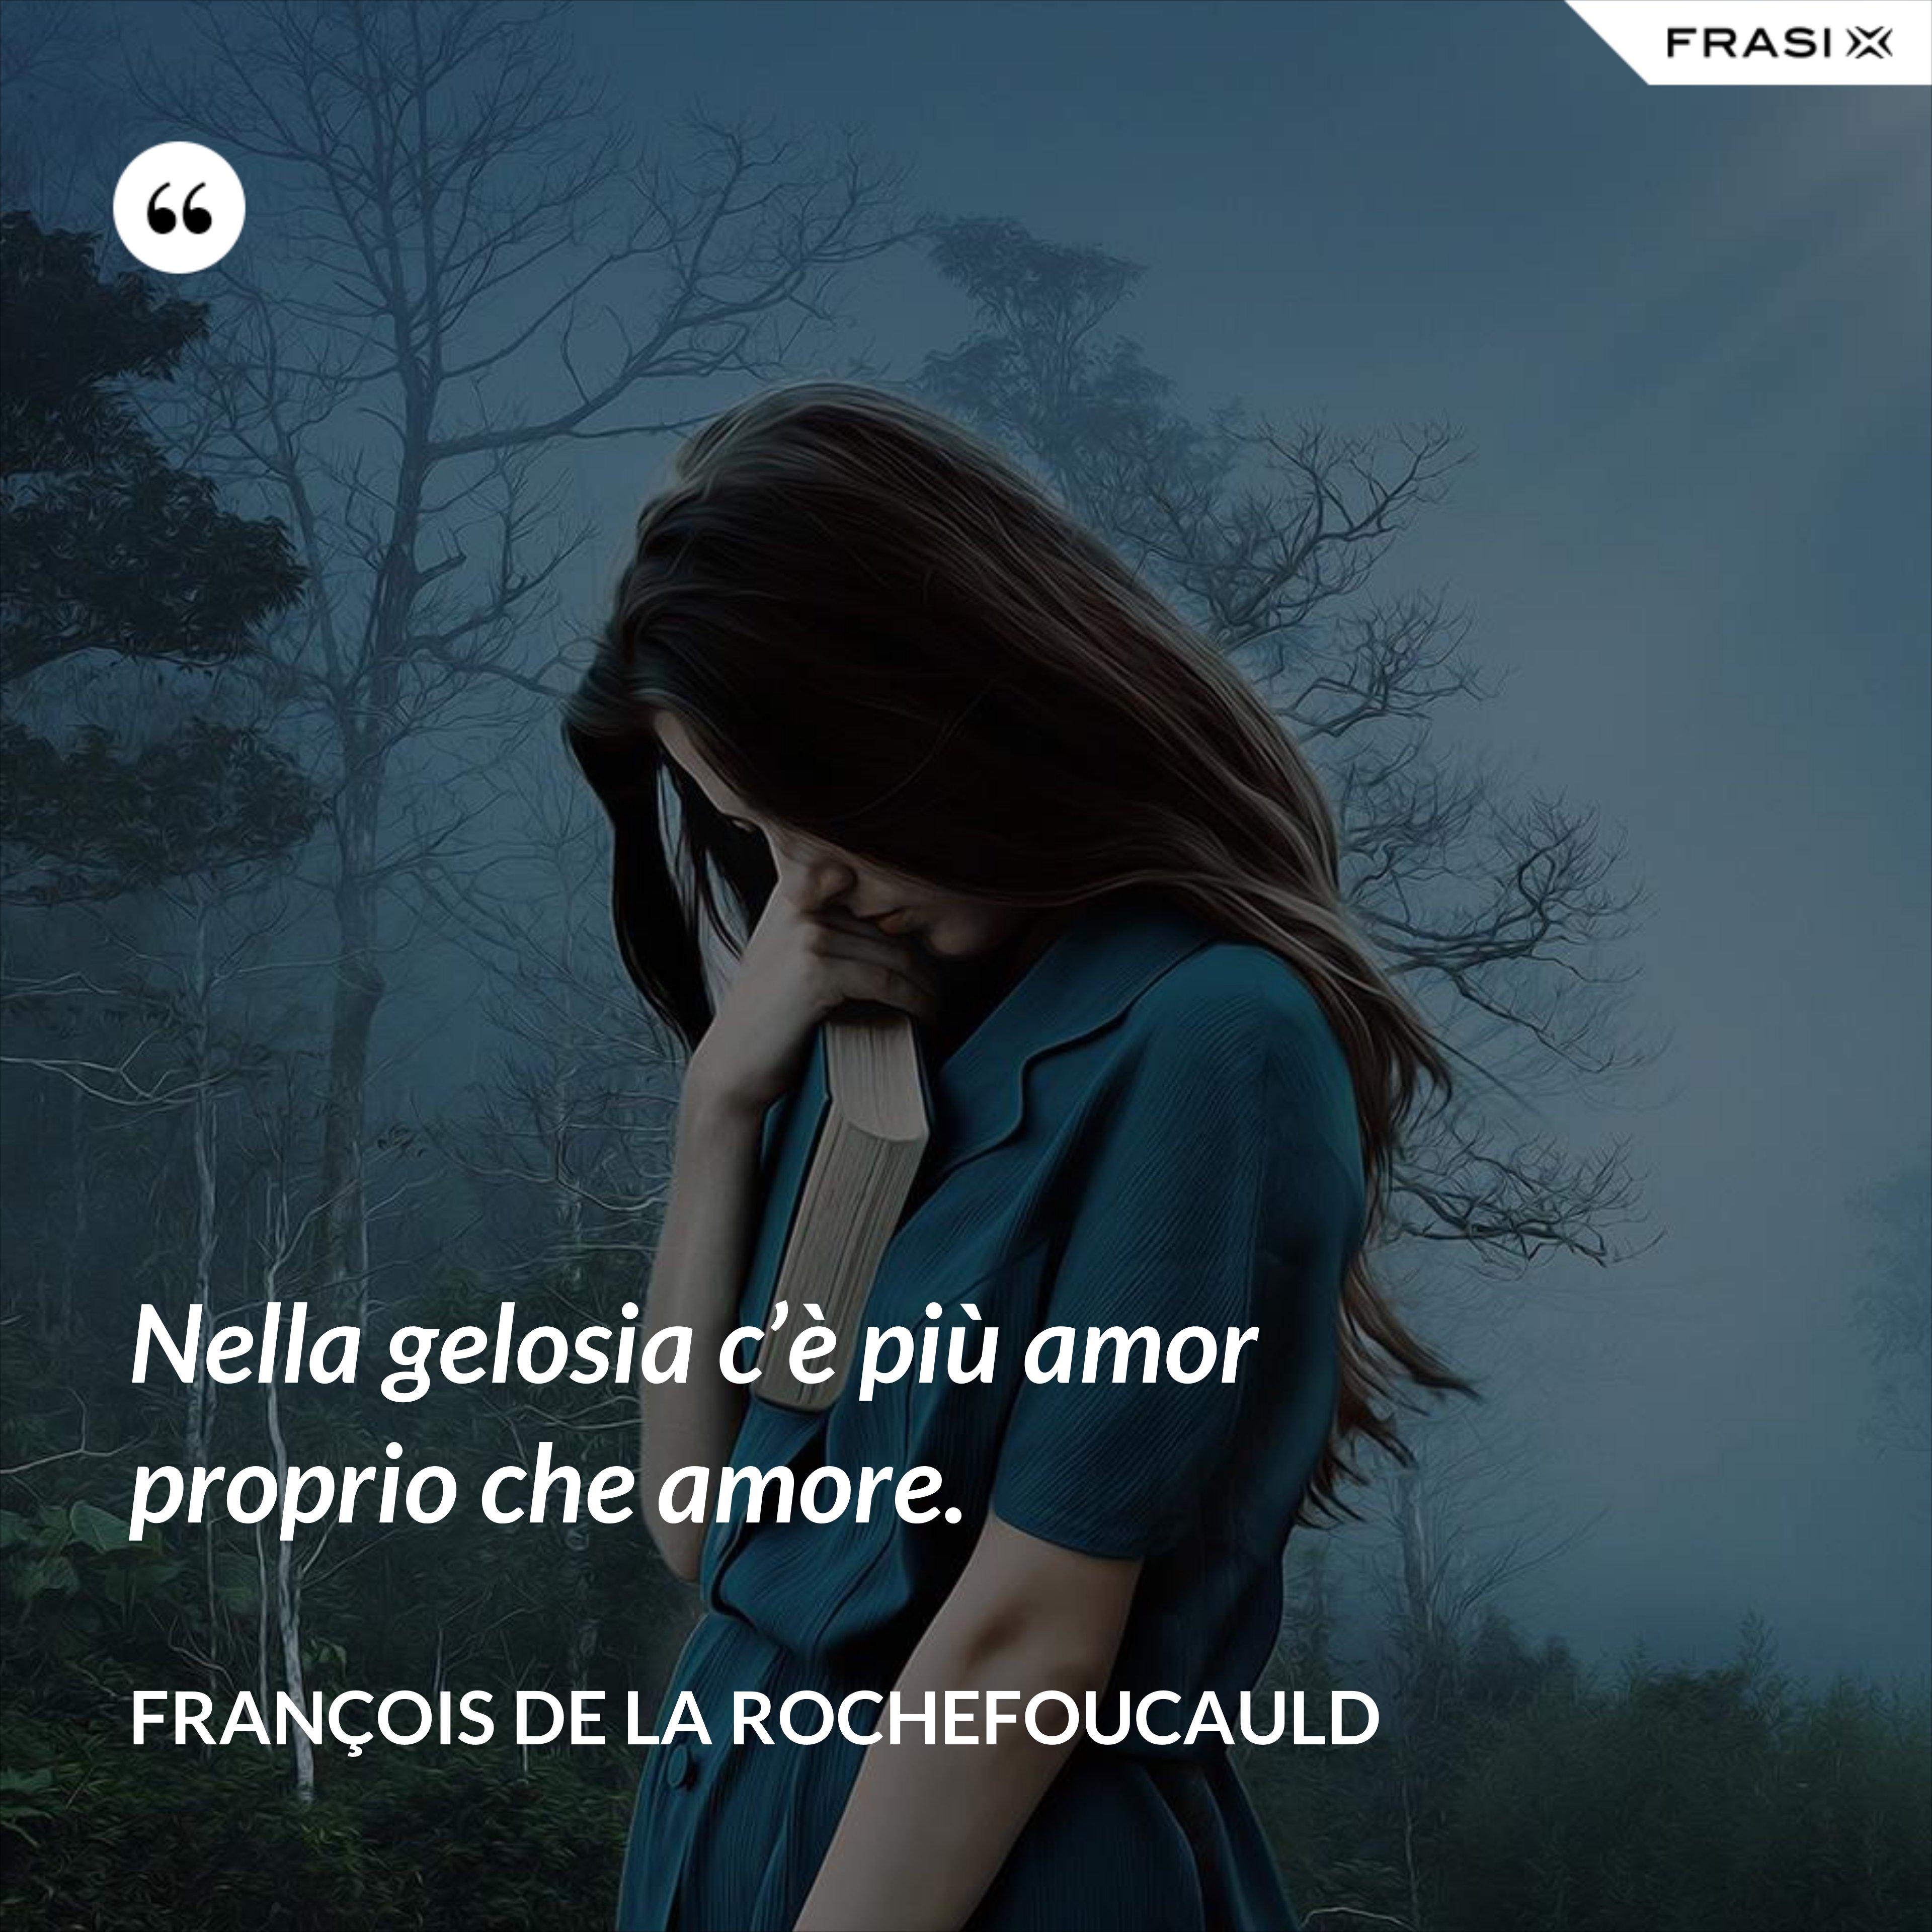 Nella gelosia c'è più amor proprio che amore. - François de La Rochefoucauld